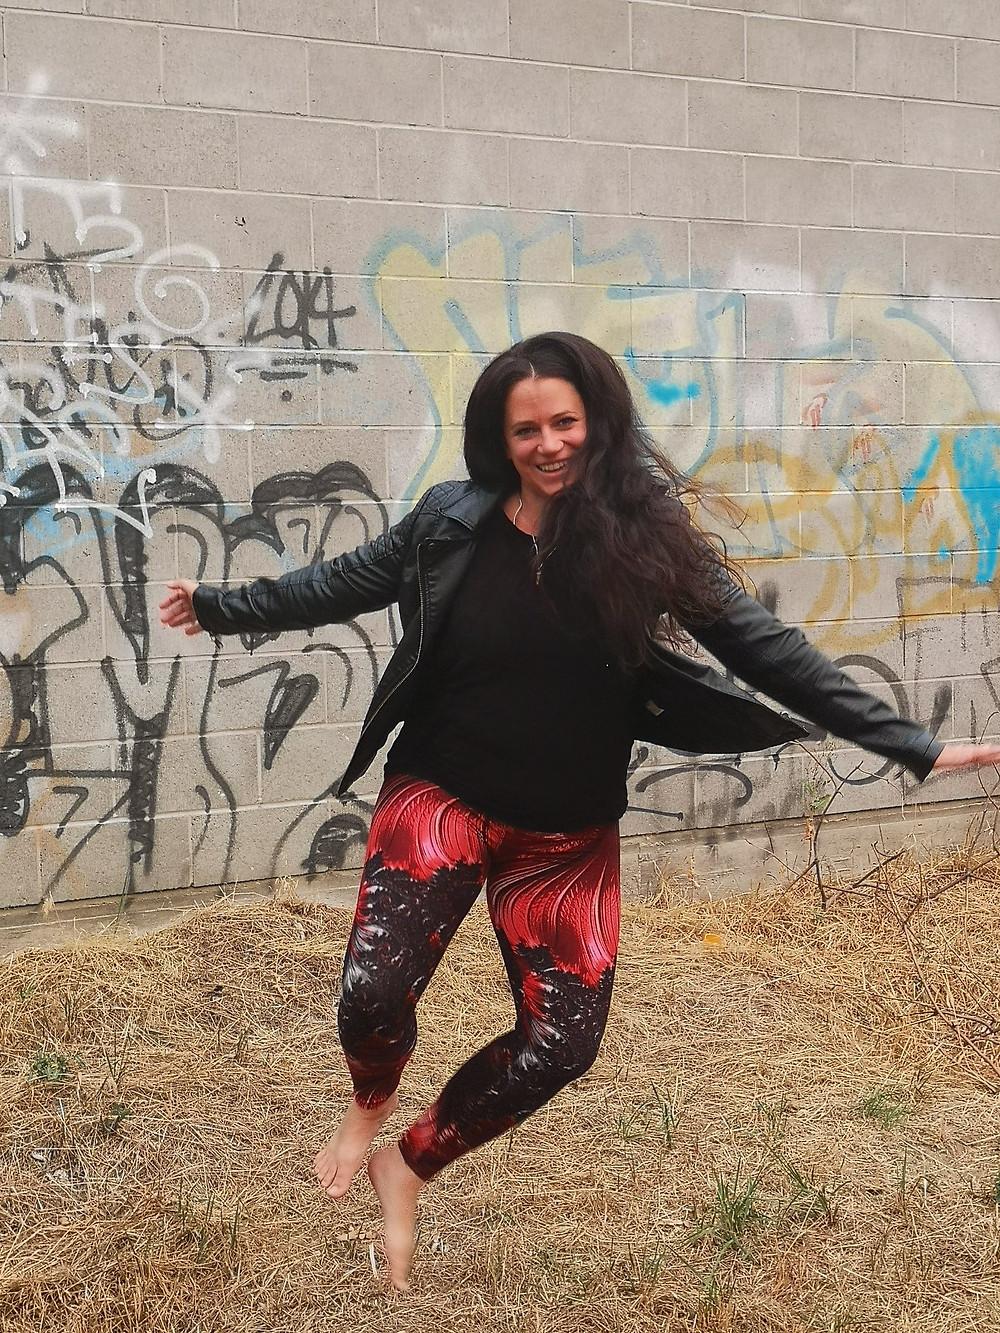 Cindy Van Arnam jumping in the air, barefoot